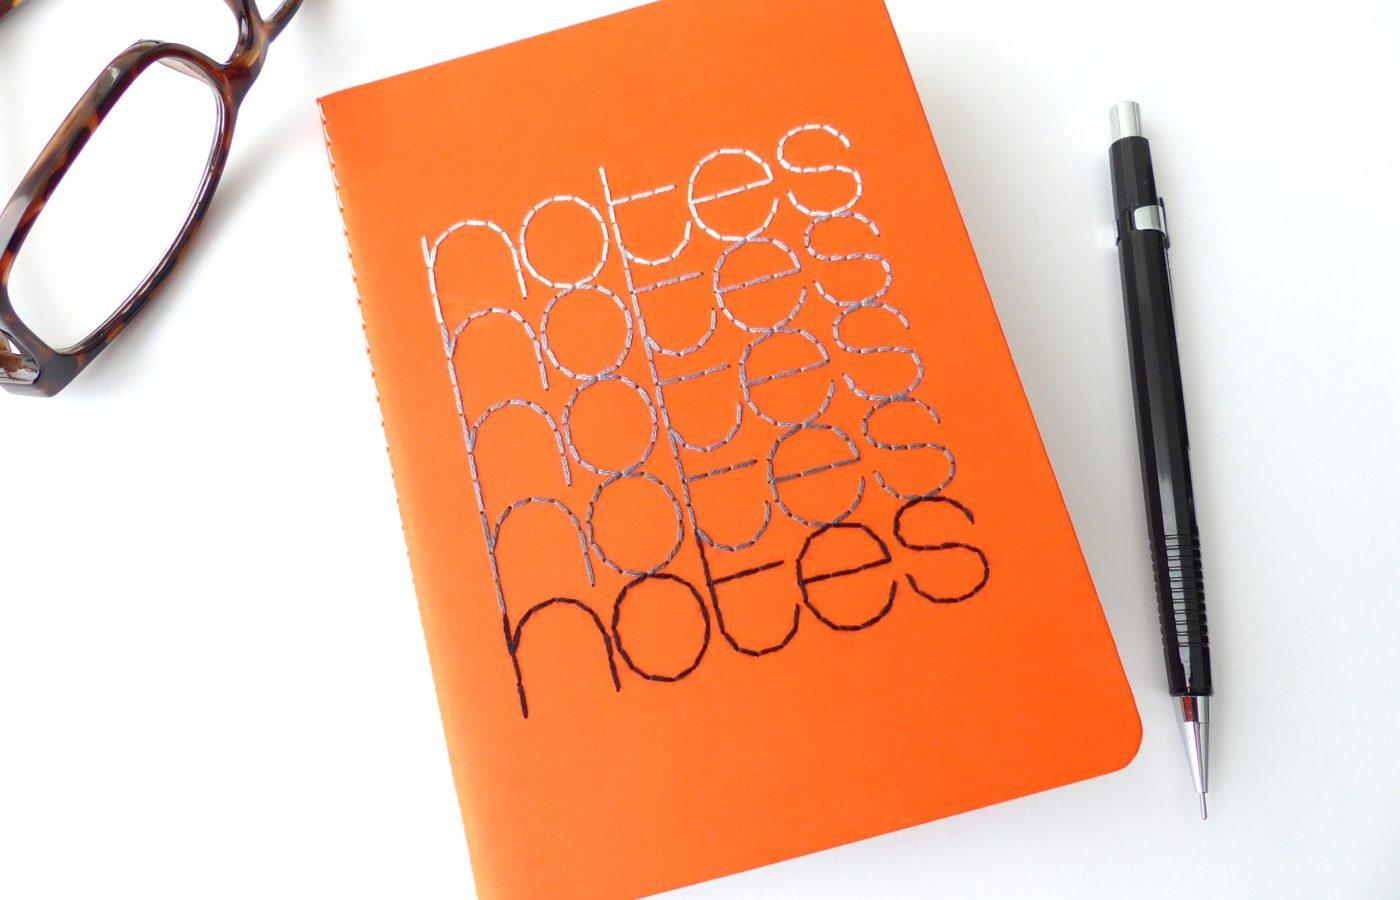 Les Fils Rouges papeterie carnet de notes orange typographie brodée gris et noir